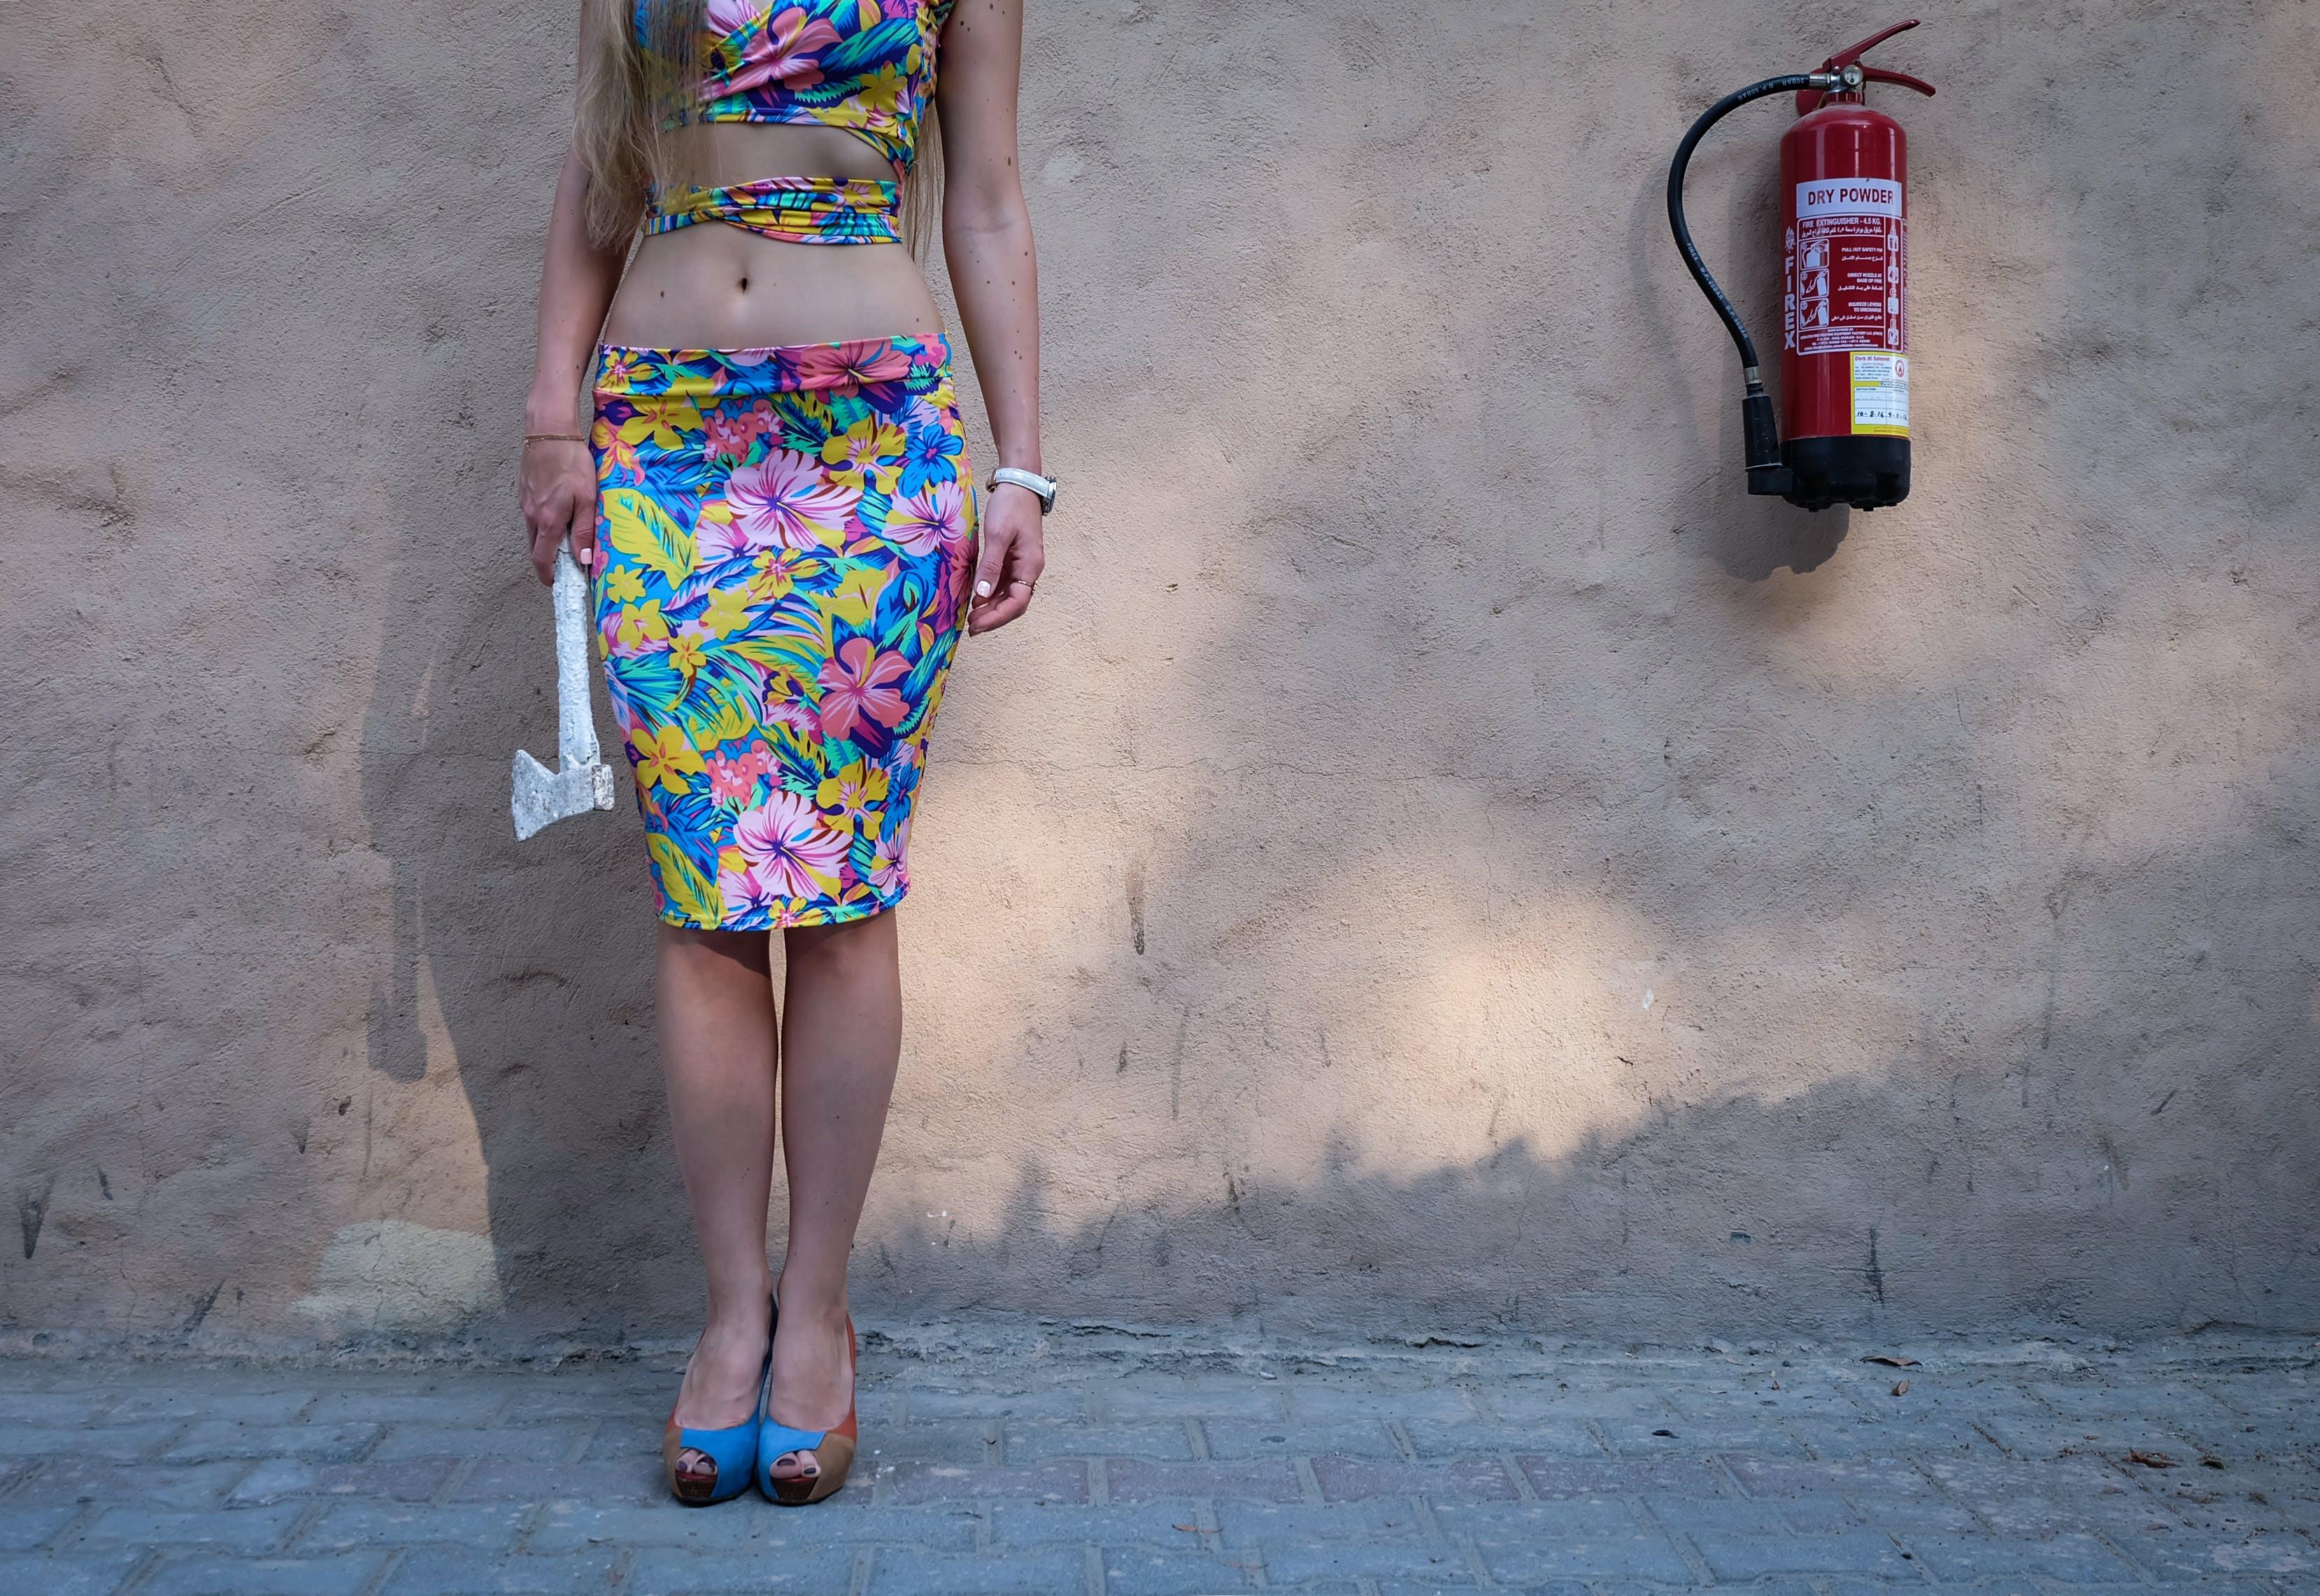 Δωρεάν στοκ φωτογραφιών με άνθρωπος, γυναίκα, μόδα, ντύνομαι